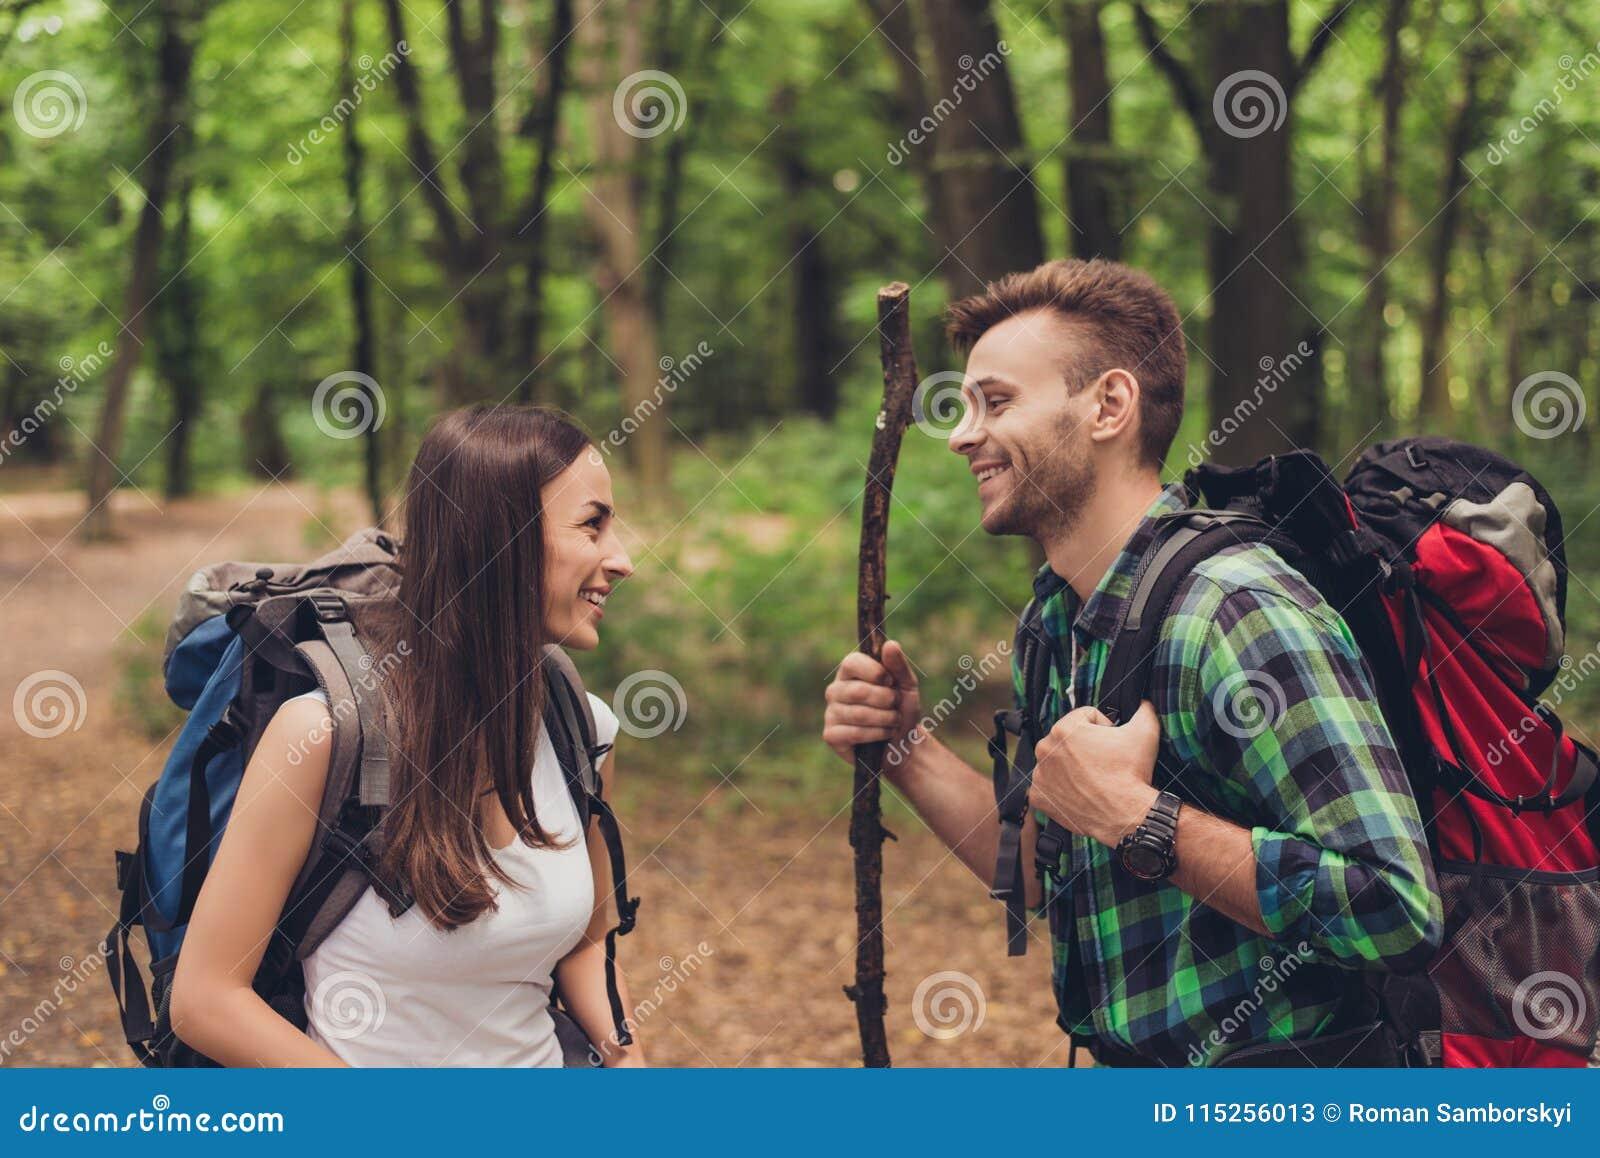 Милые excited любовники пеший в лесе весны, говоря и наслаждаясь, нося удобные обмундирования для пешего туризма, с рюкзаками